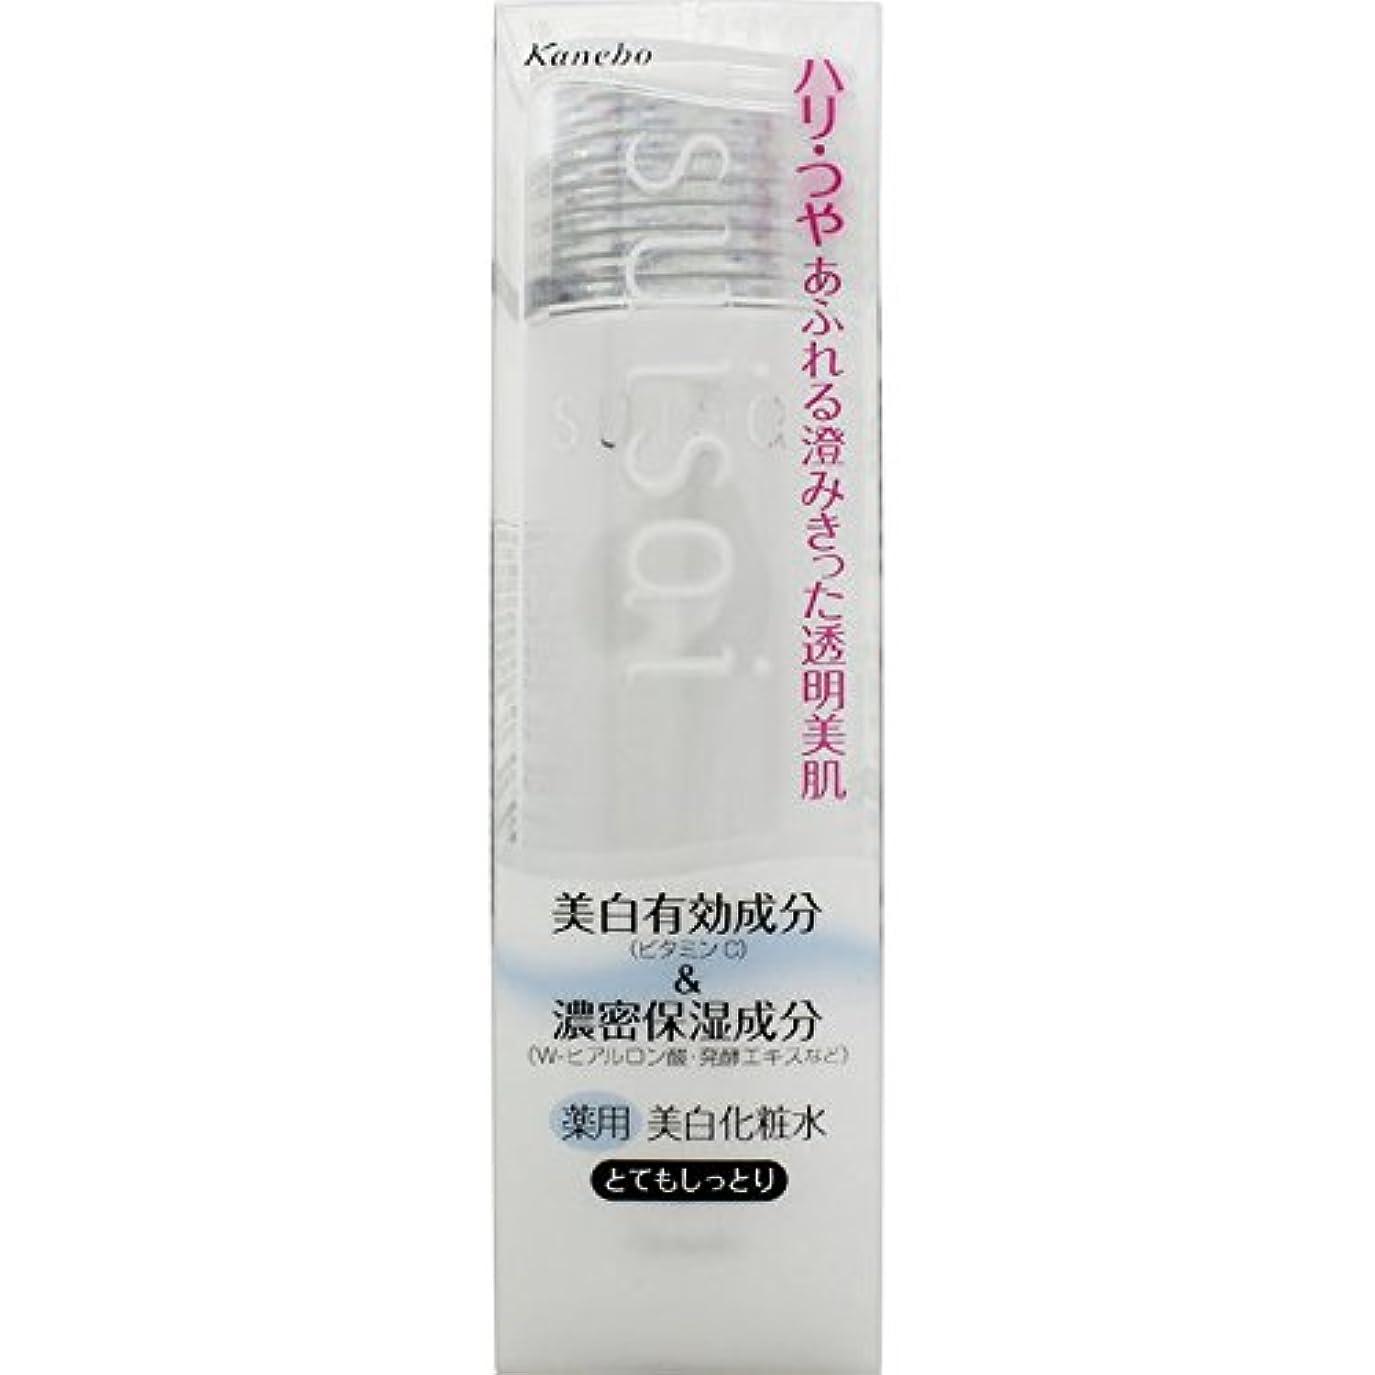 大陸療法ミリメーターカネボウ suisai ホワイトニングローションIII 150ml